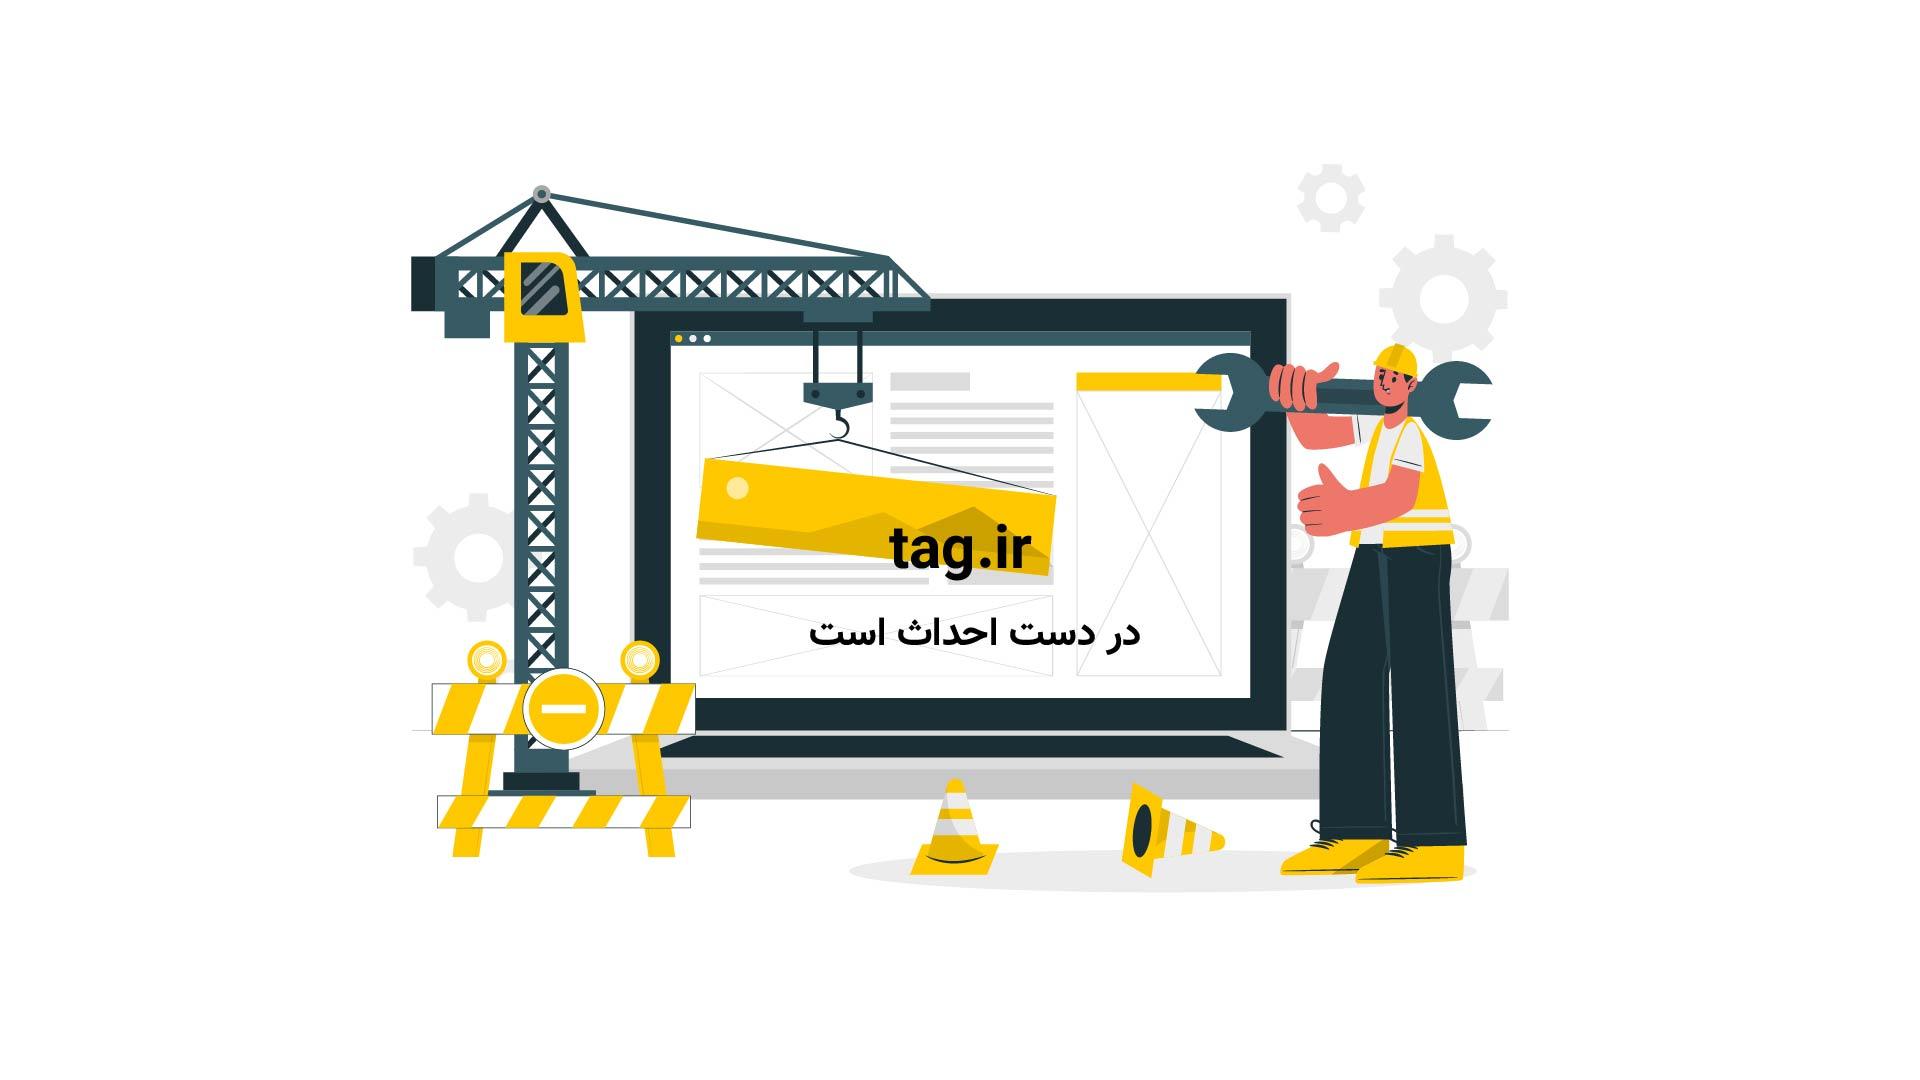 تصادف اتوبوس   تگ